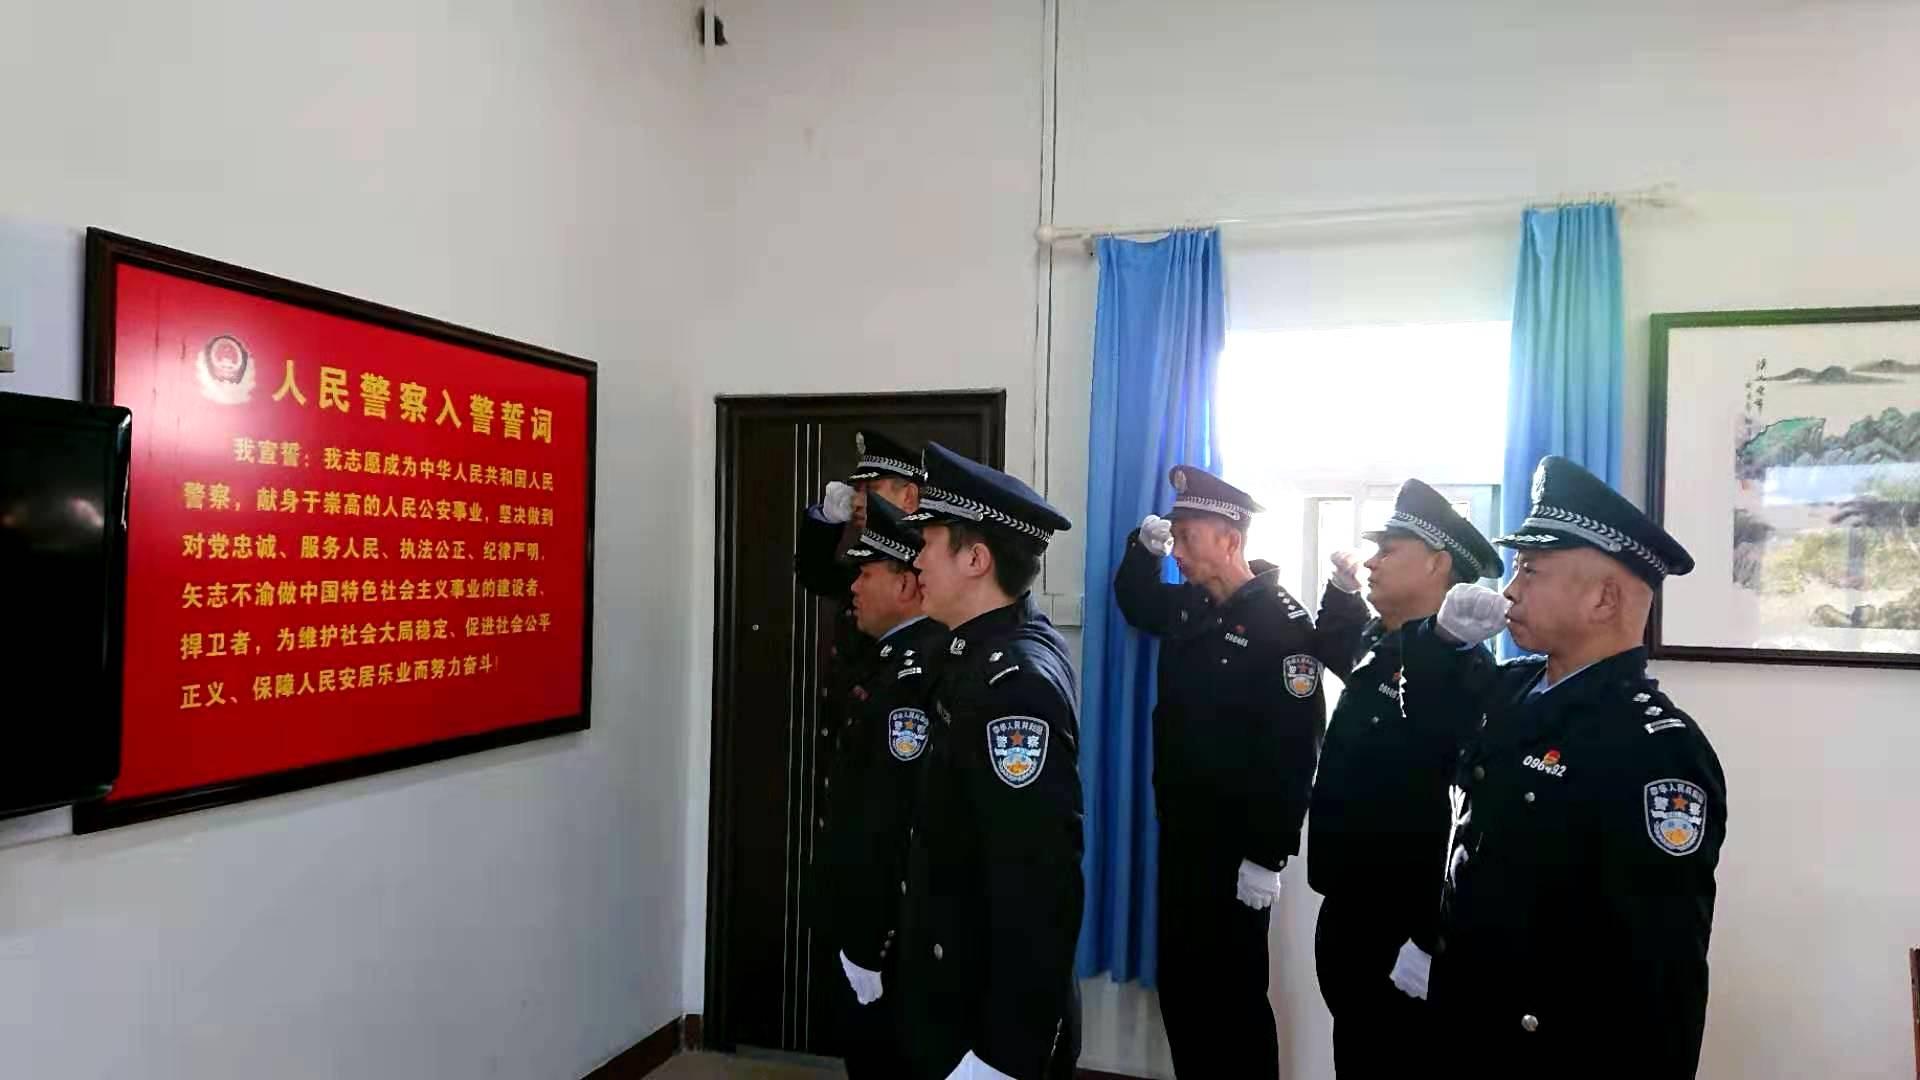 纪念毛泽东诞辰127周年    芷江西站派出所举行缅怀活动